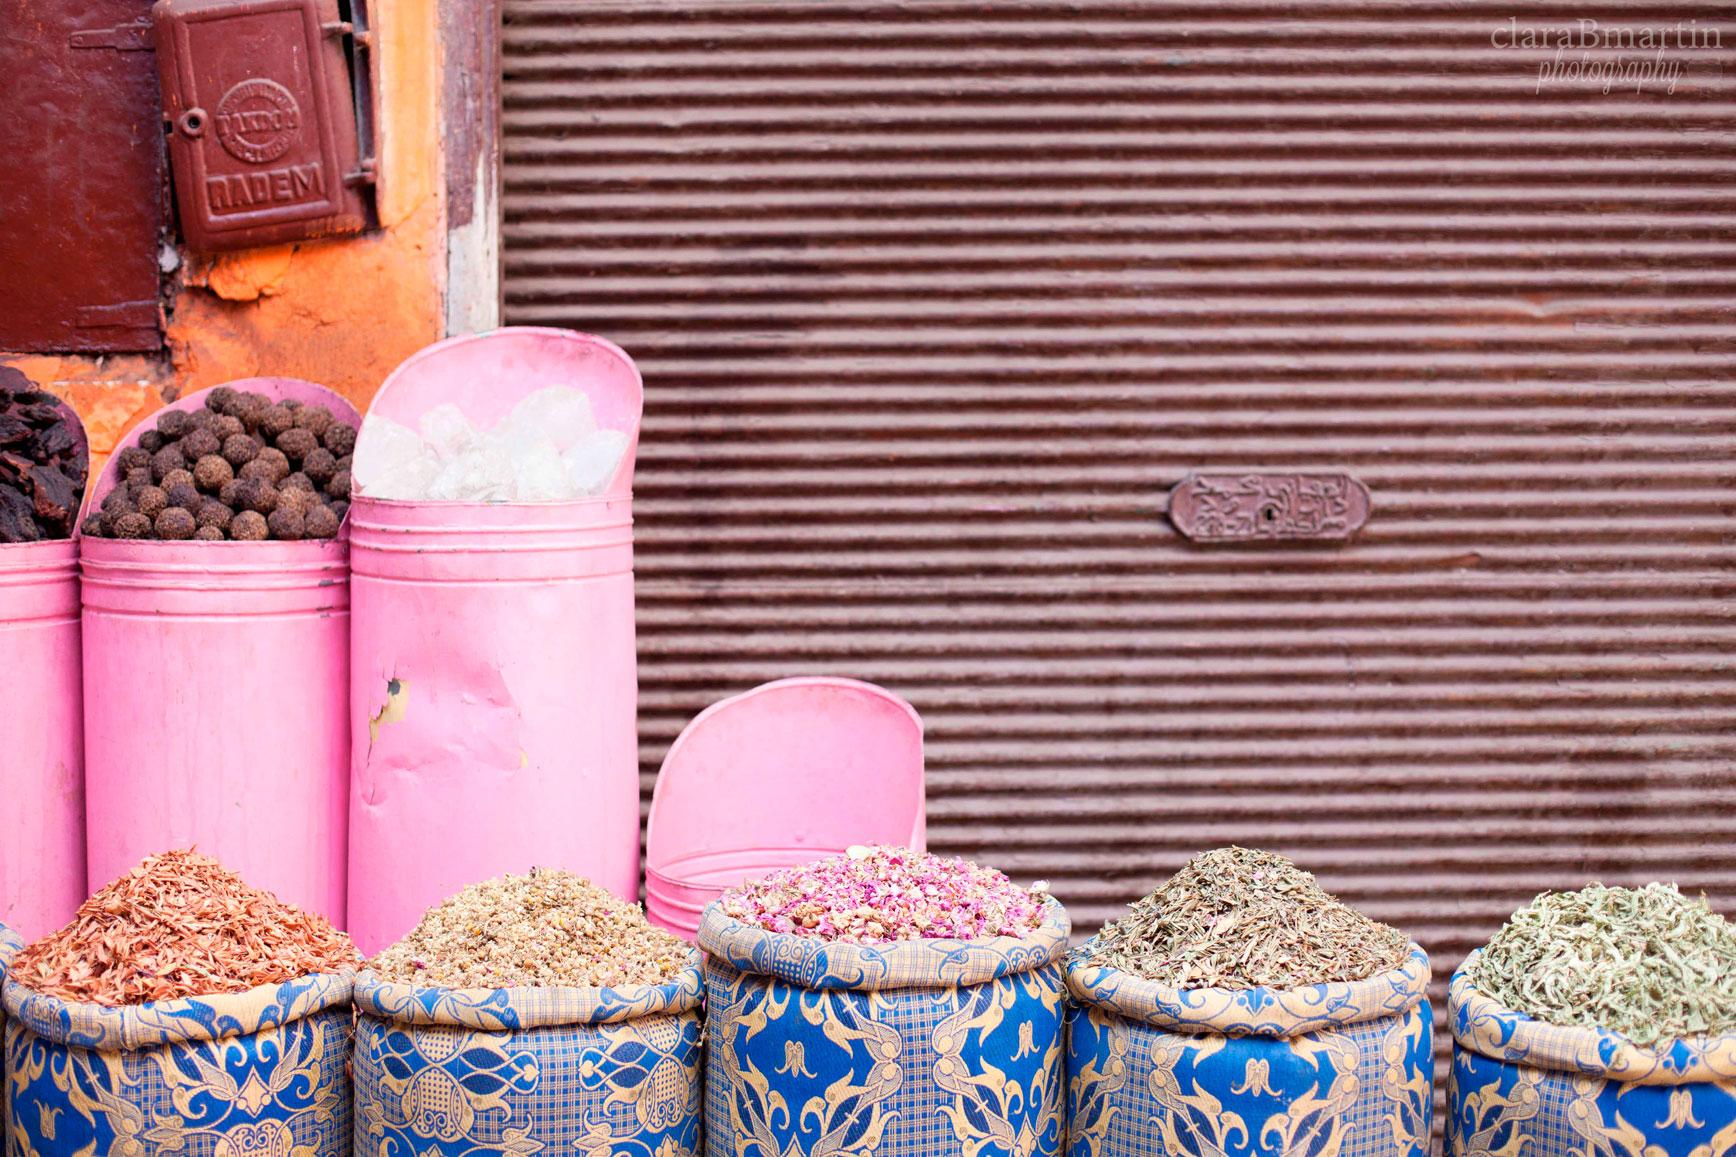 Marrakech_claraBmartin_38